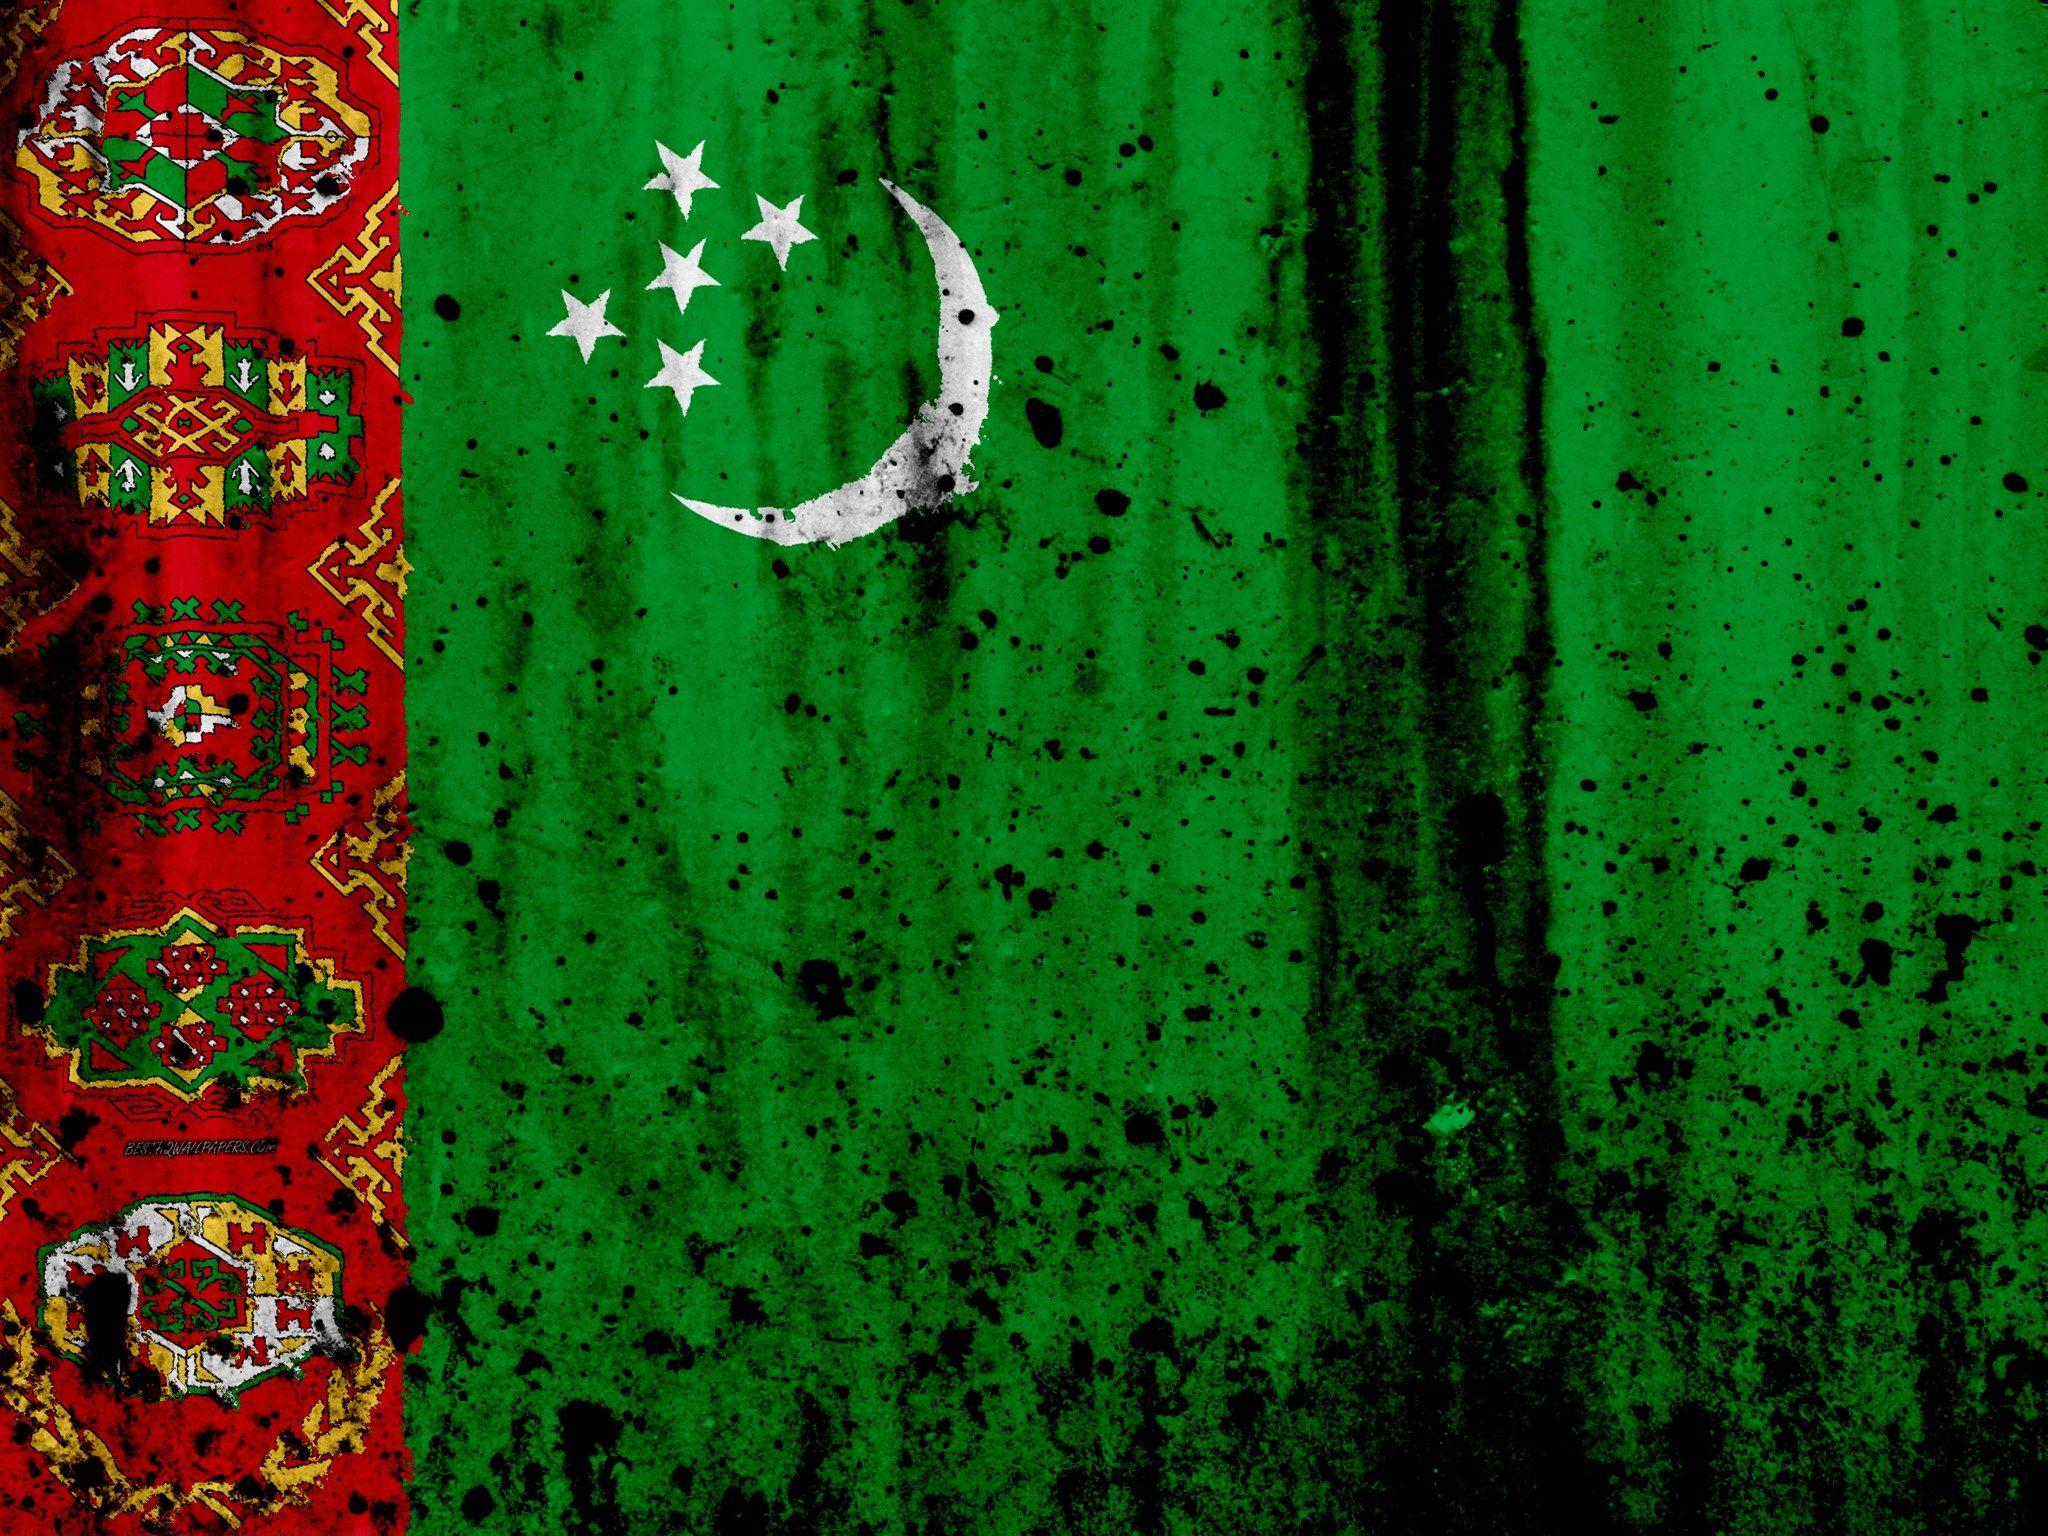 девушка картинка туркменского флага прогресс